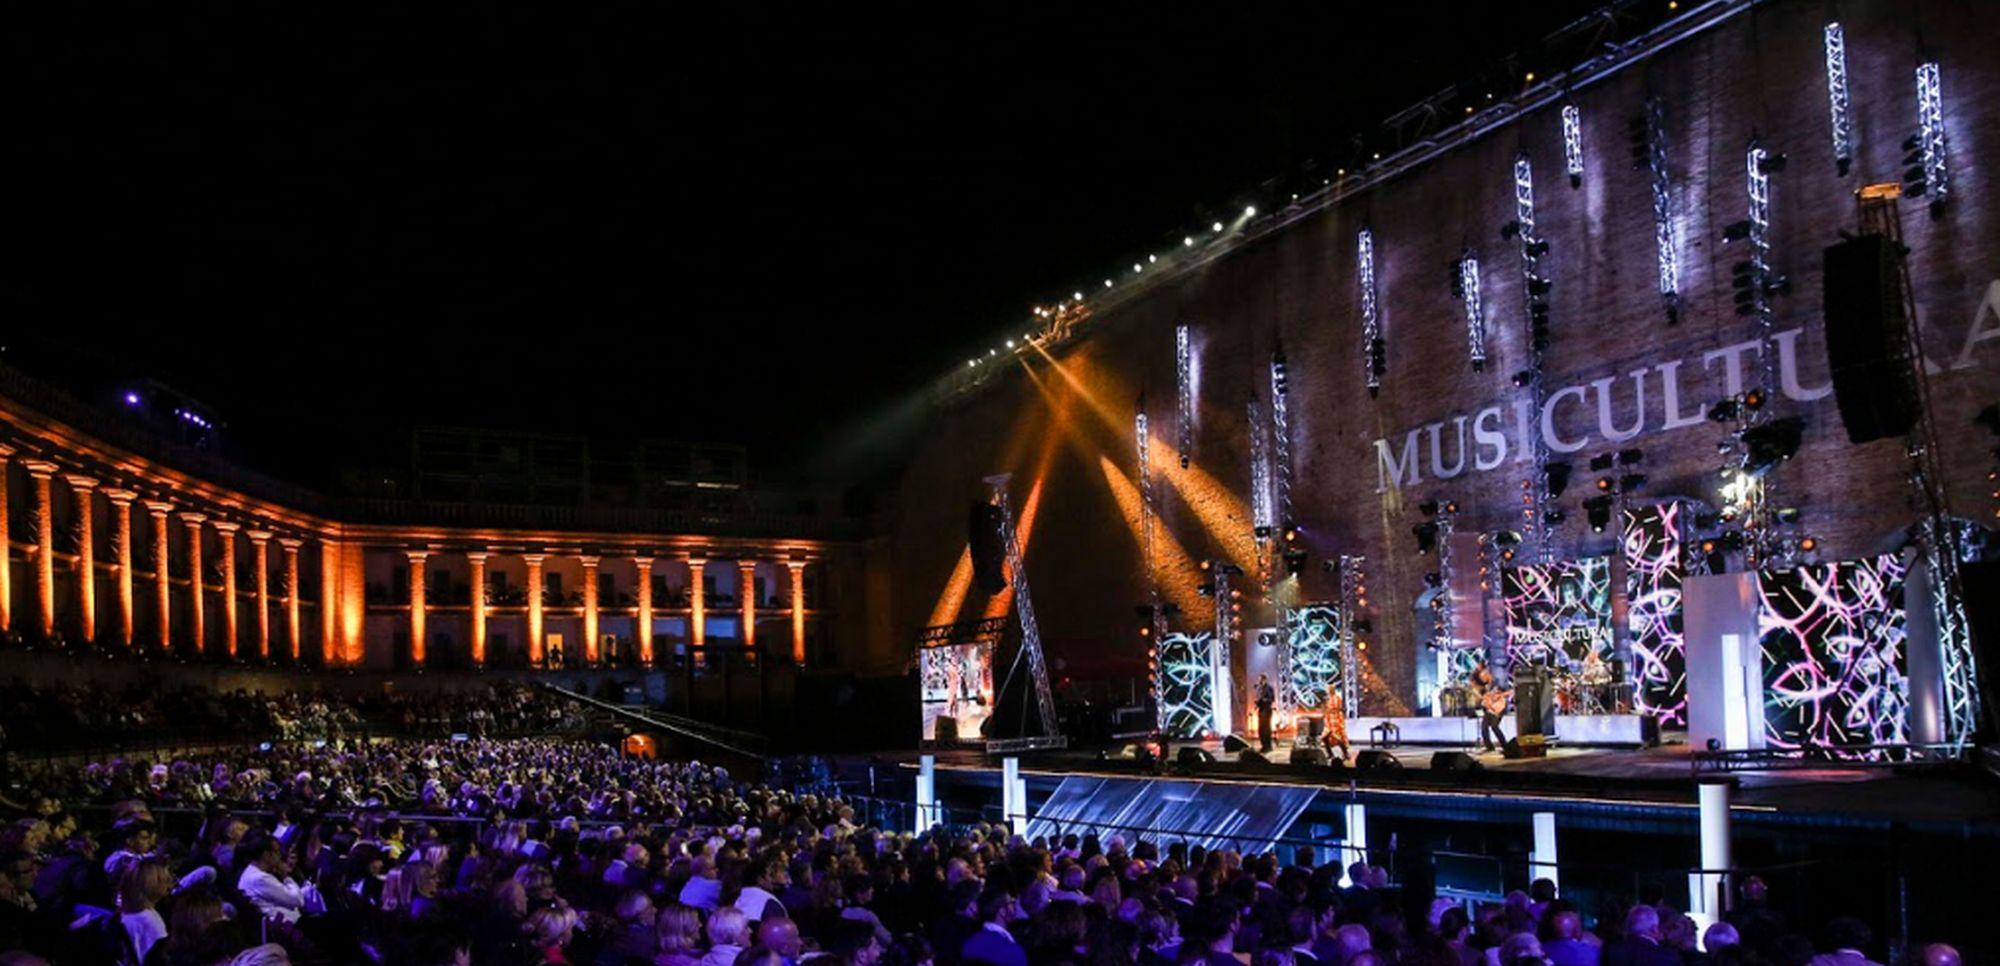 Musicultura 2021: dal 19 al 28 marzo le Audizioni Live del festival